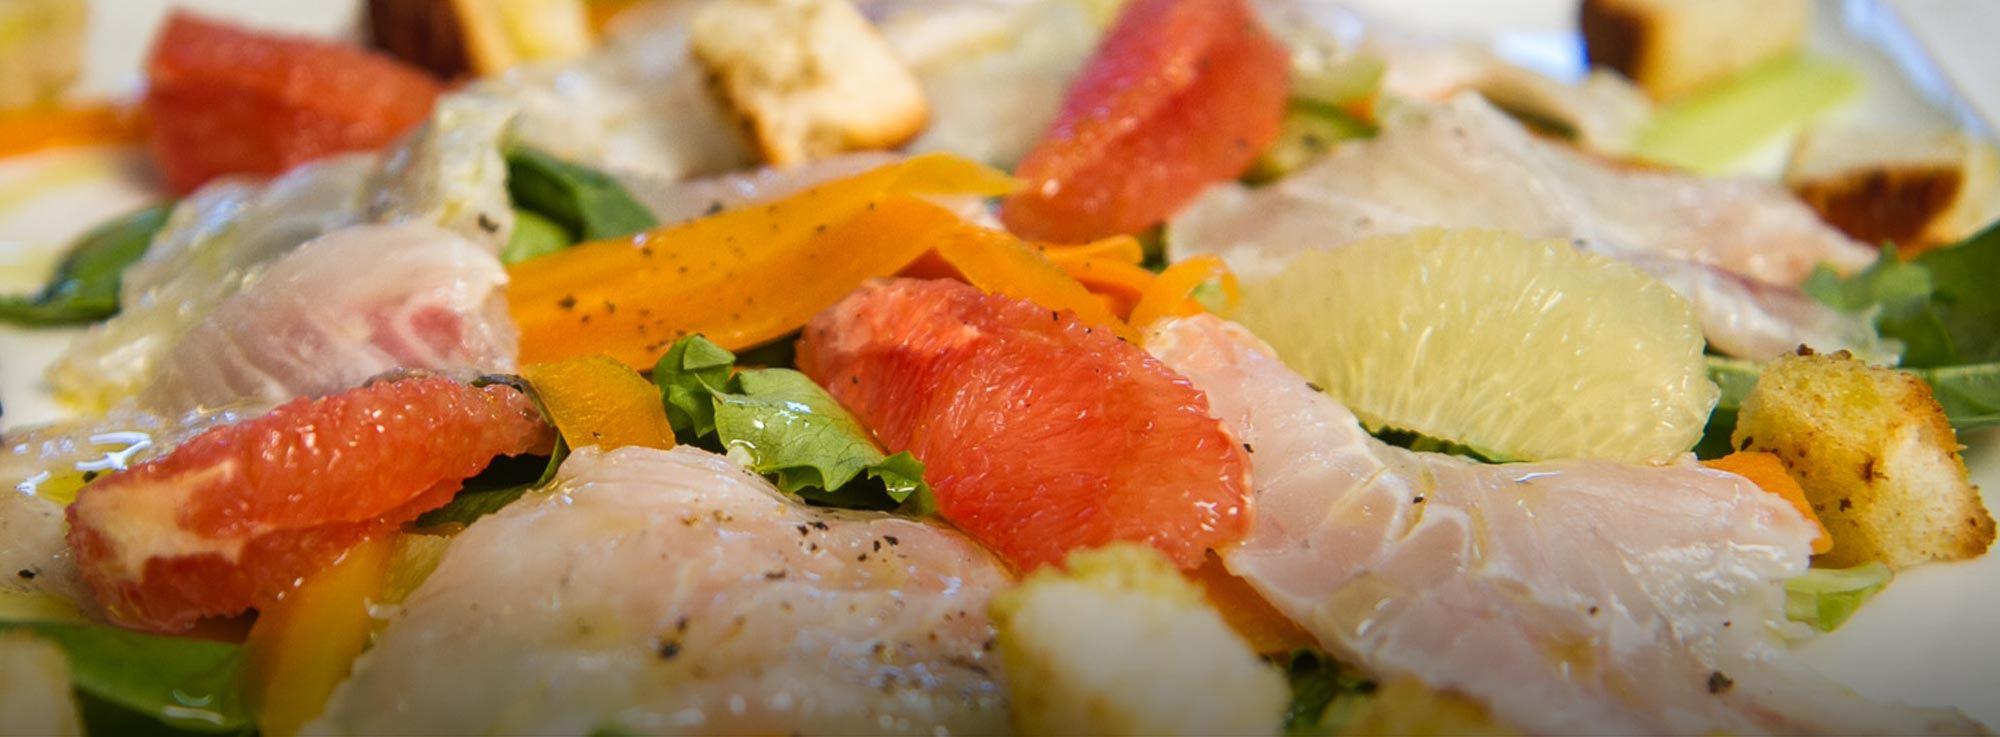 Ricetta: Cialda gustosa e sana con agrumi e carpaccio di Gallinella